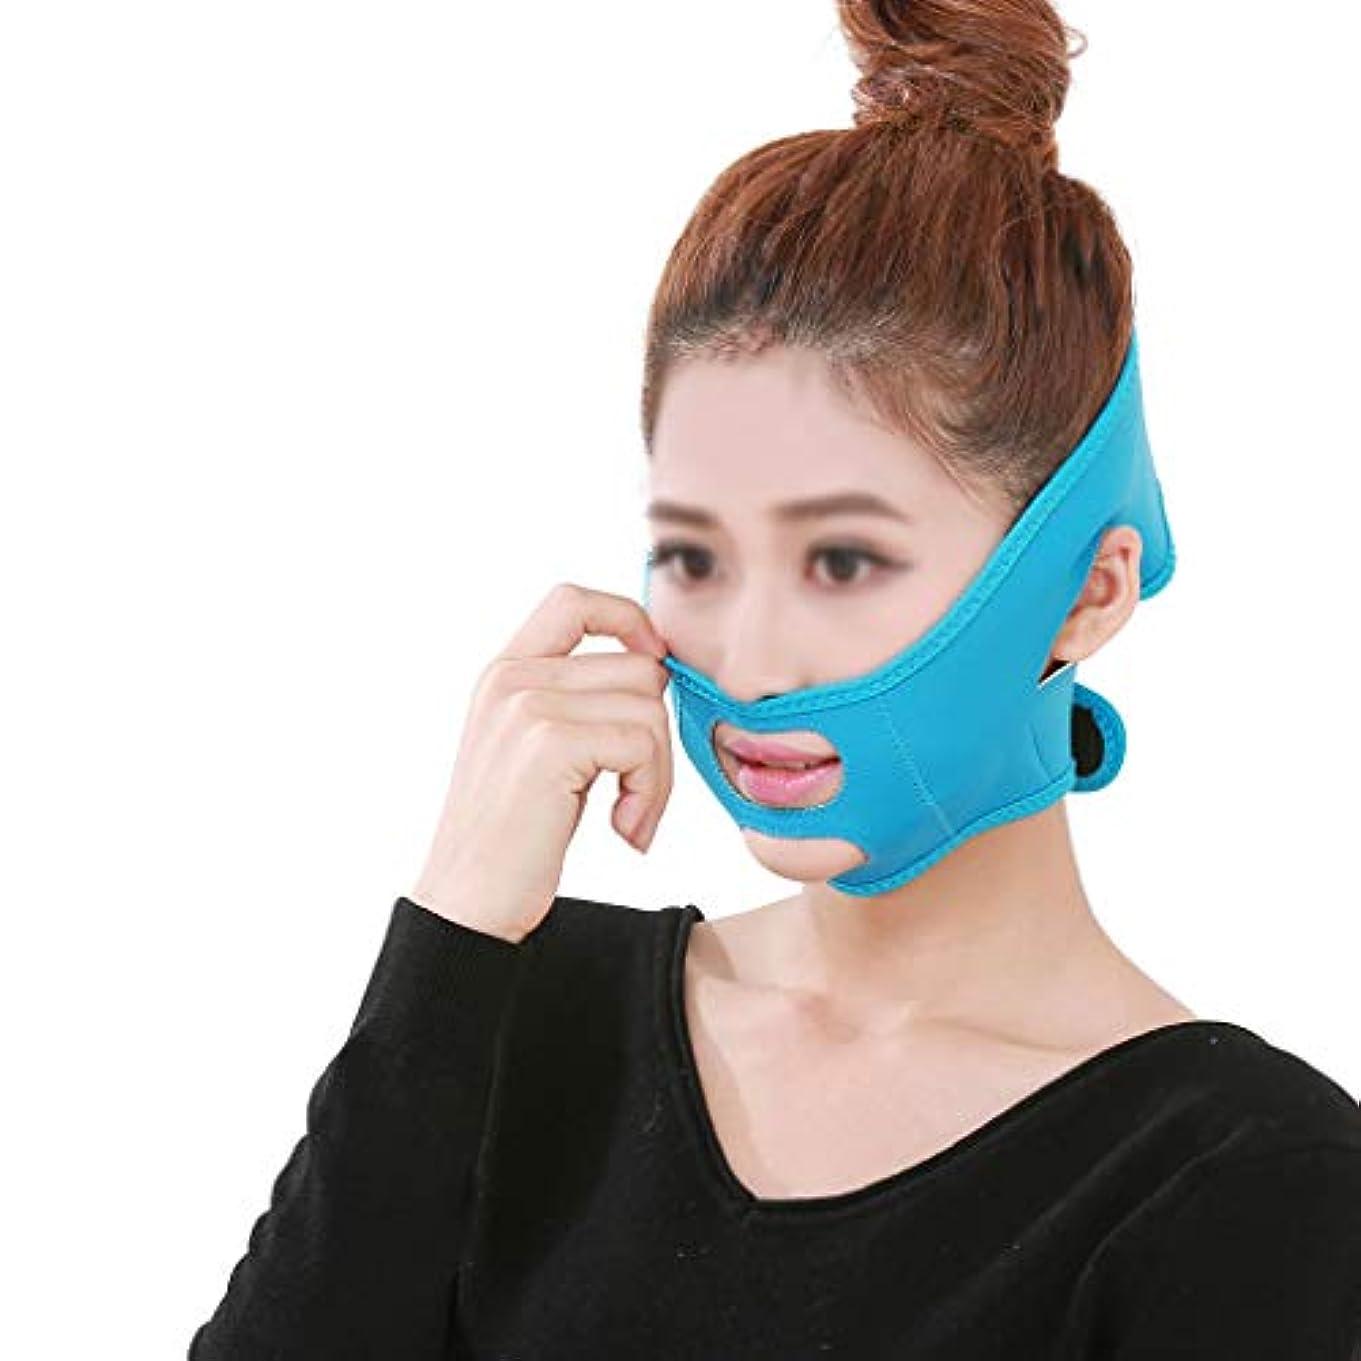 お嬢リテラシー三角形GLJJQMY 顔の顔のマスク小さなV顔包帯薄い顔のアーティファクトは、二重顎リフト肌を減らす 顔用整形マスク